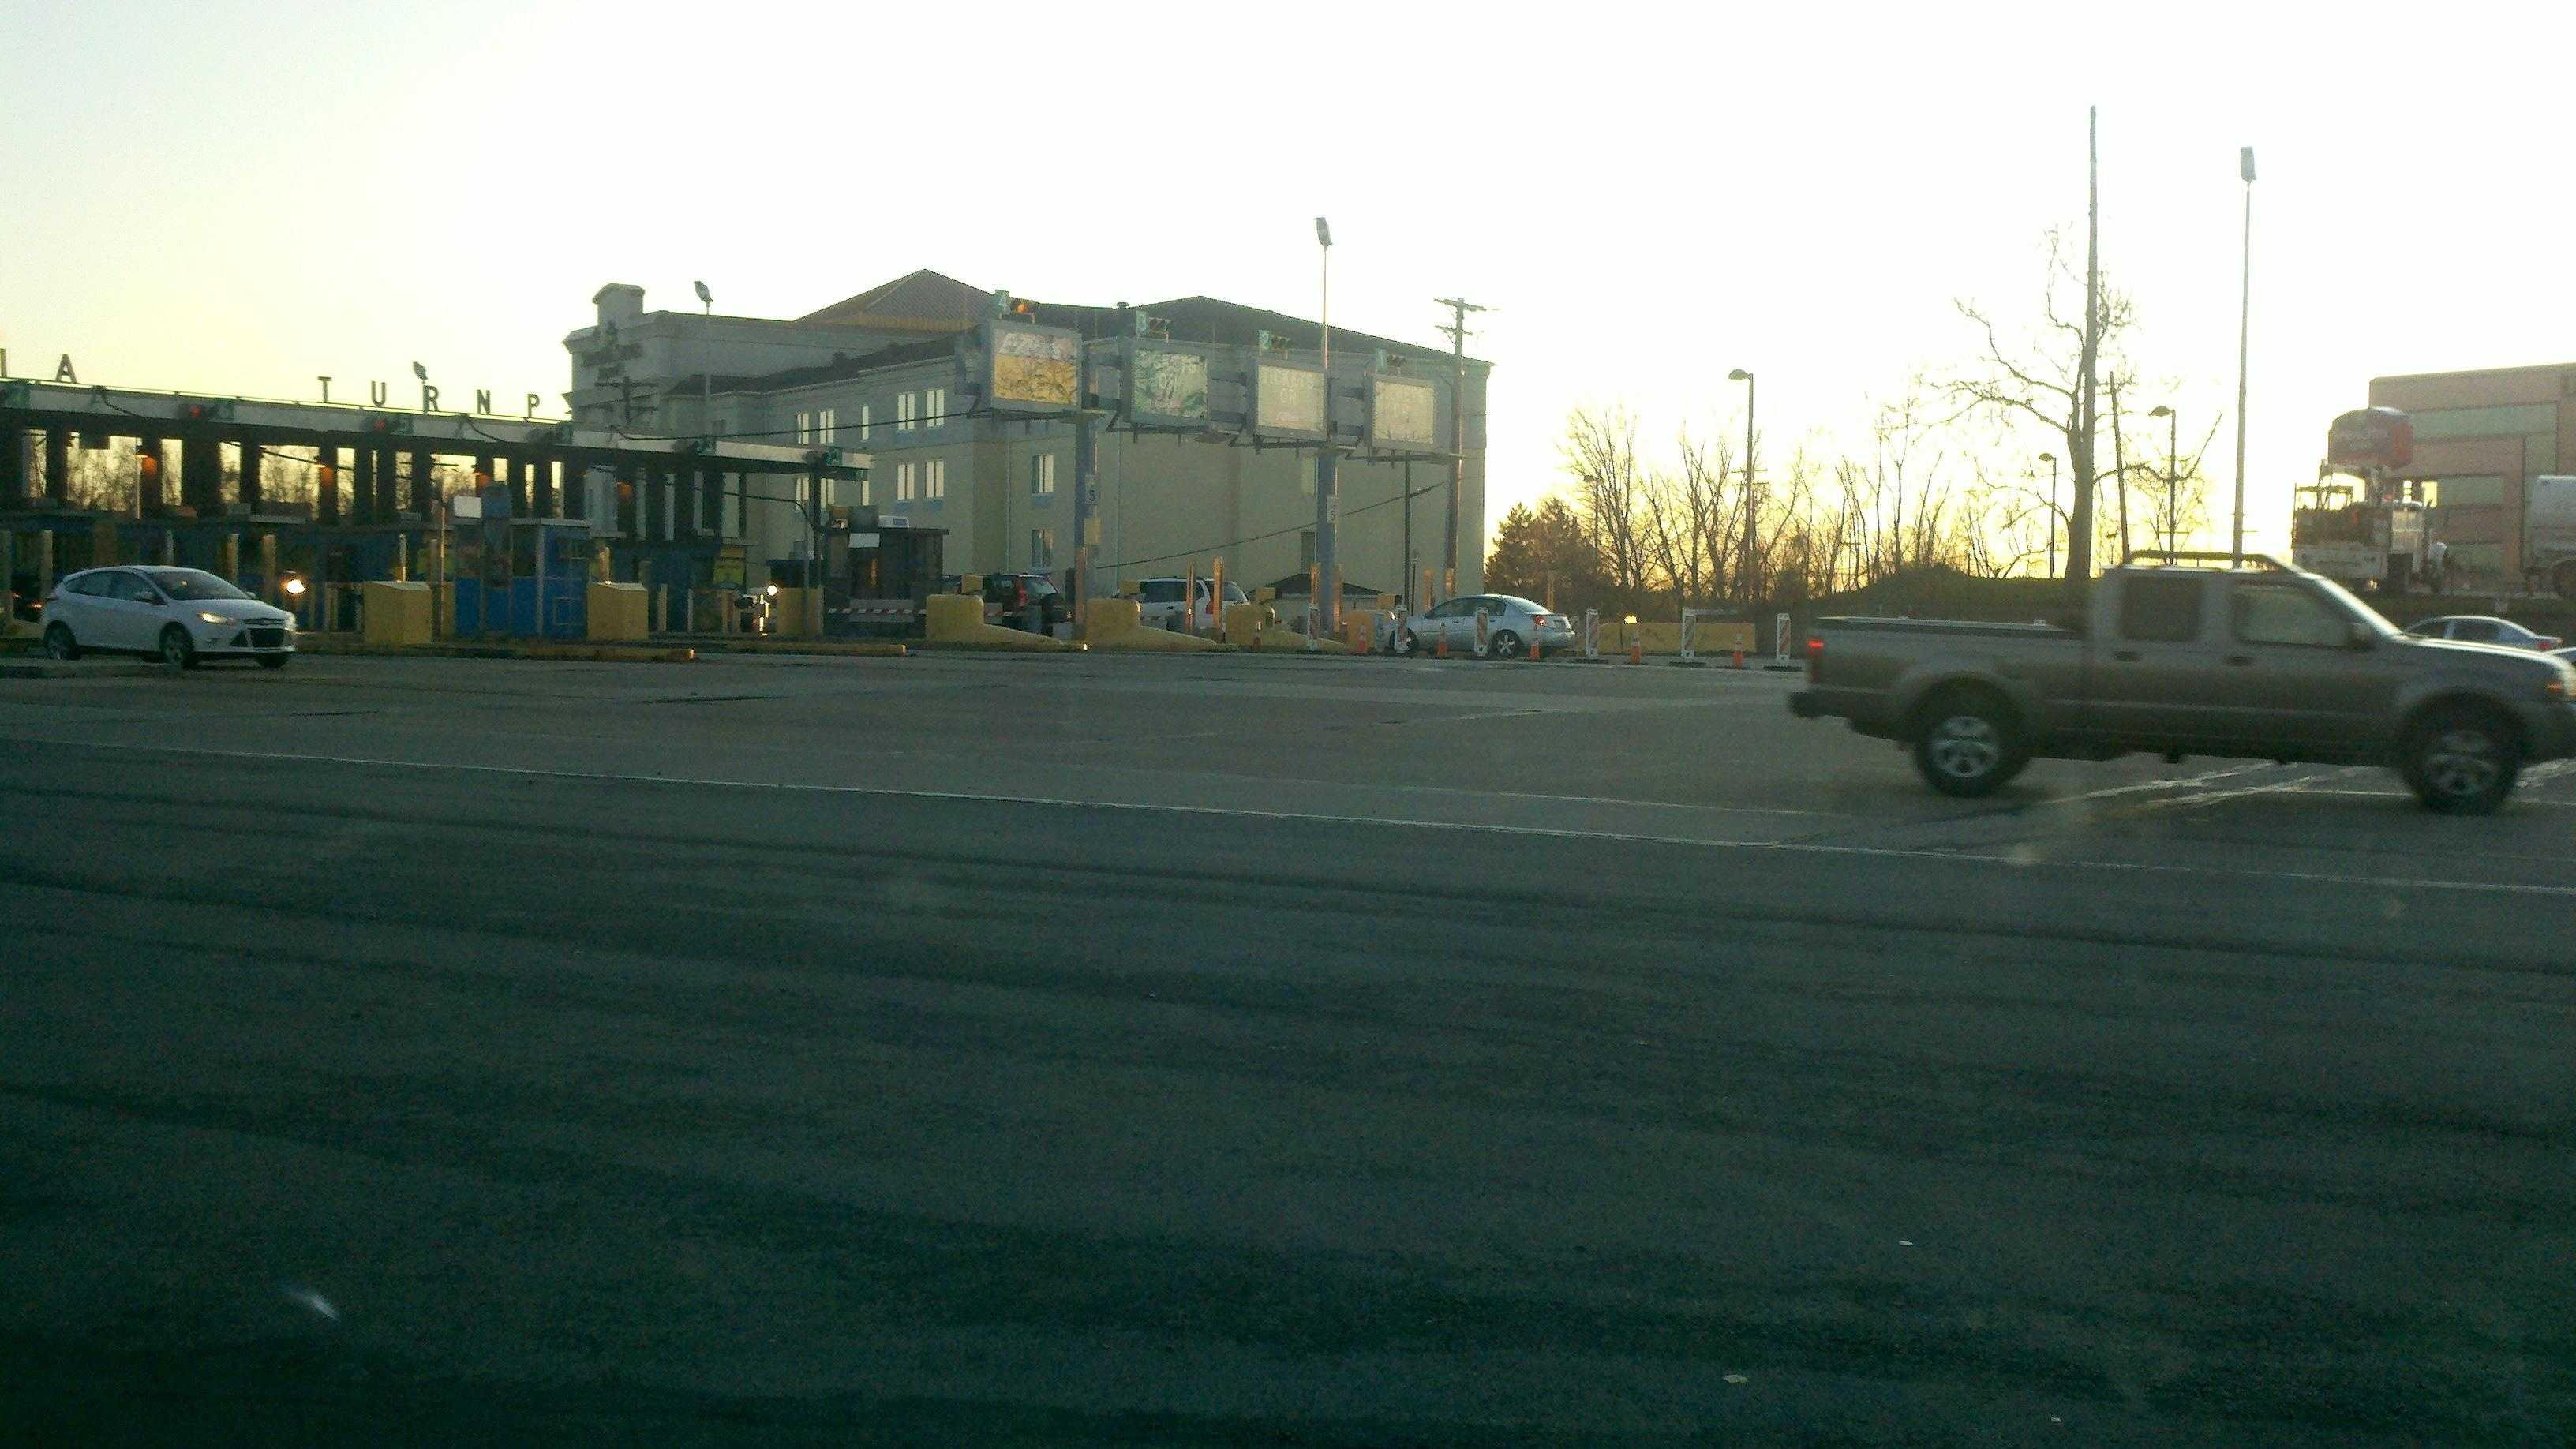 Turnpike - Monroeville (2011-11-23-16-39-27-872.jpg) - 29846600